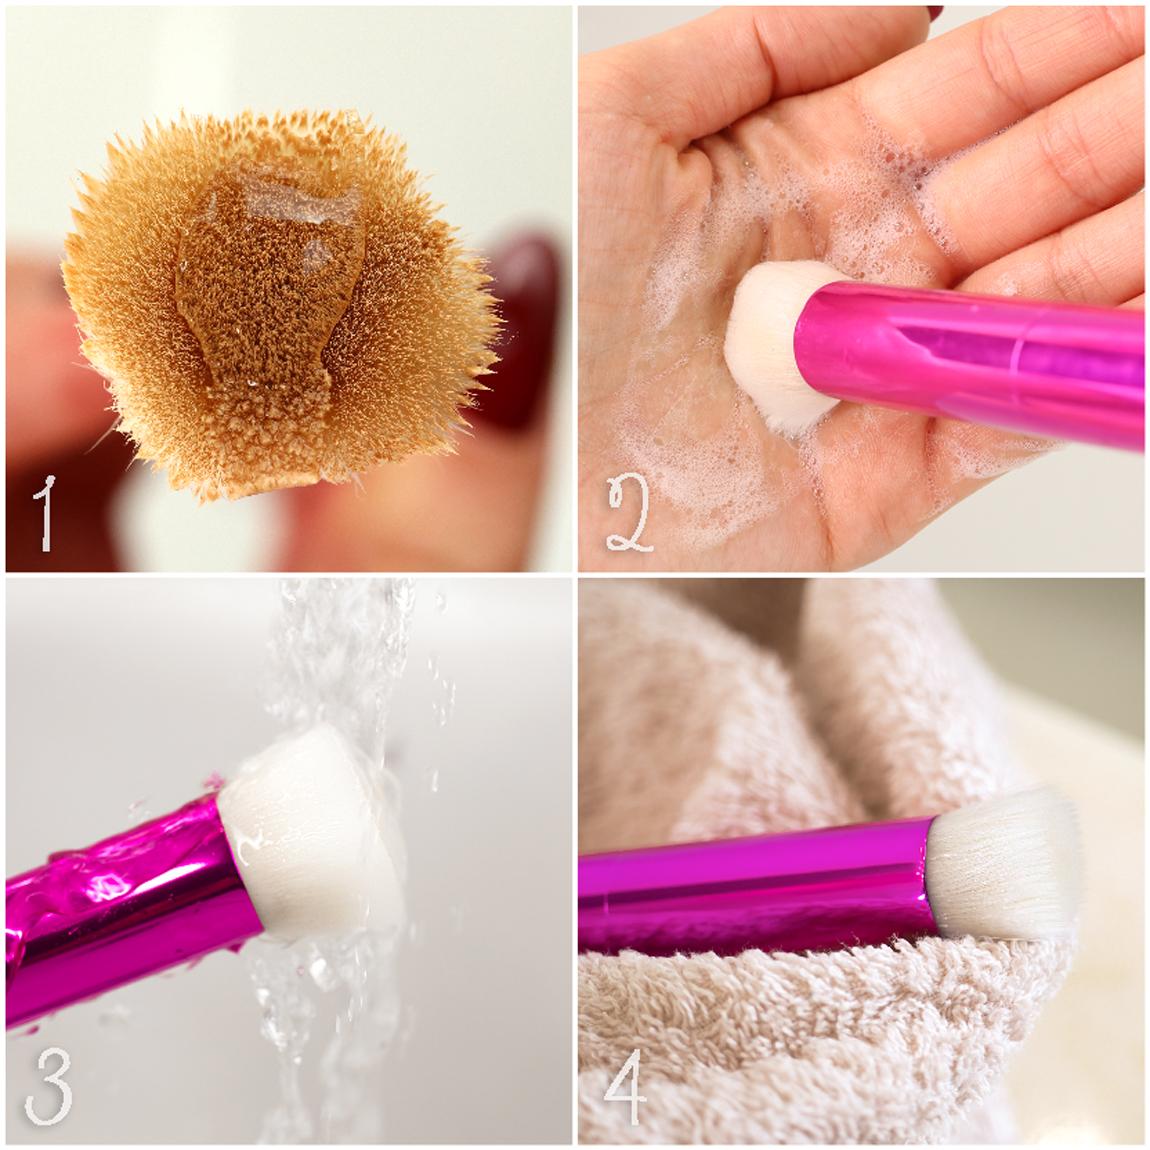 Metodo di pulizia profonda dei pennelli da trucco in 4 passi